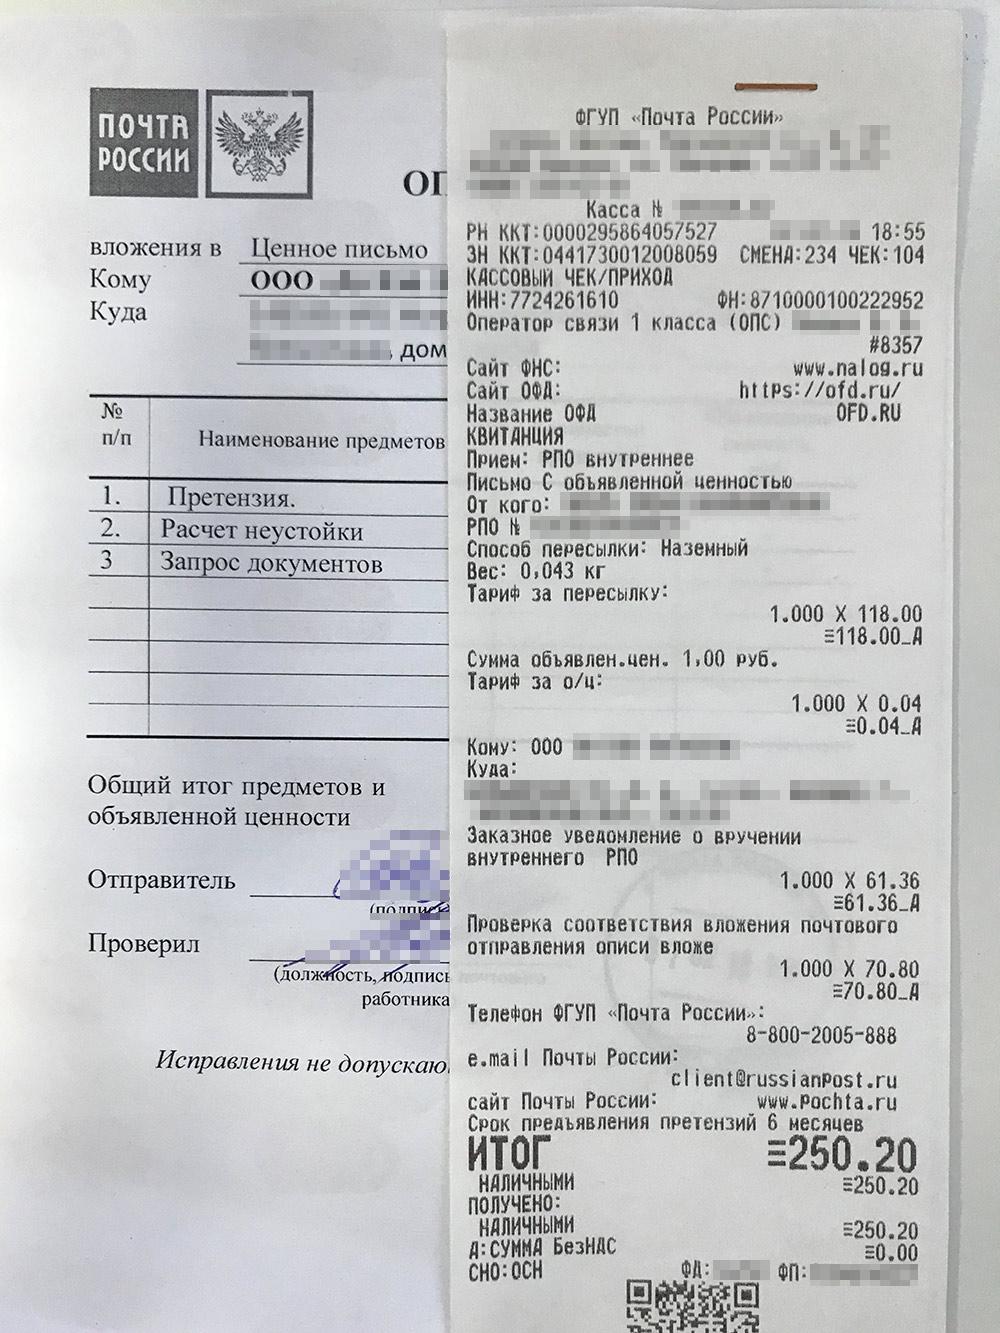 Опись и квитанция об отправке претензии. Их стоит хранить до последнего